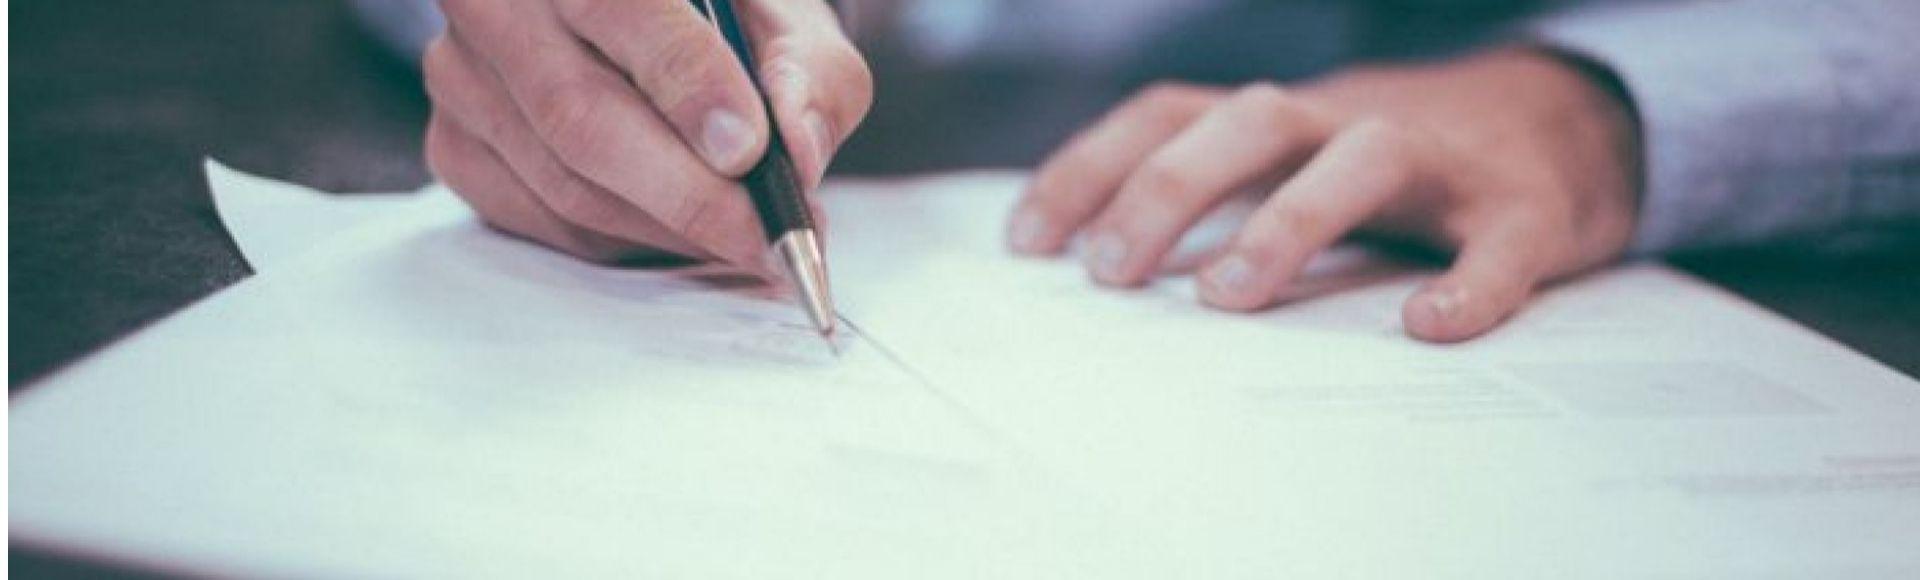 Jak napisać ofertę na stronę internetową